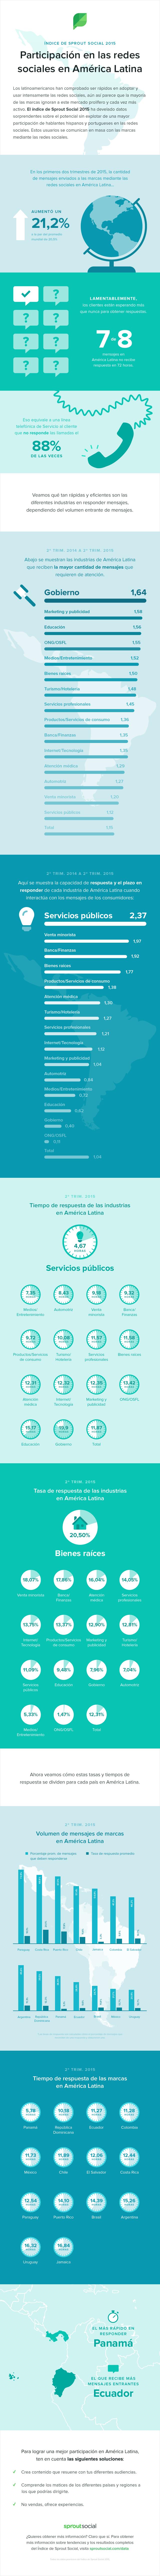 Índice de Sprout Social 2015: Participación en las redes sociales en América Latina